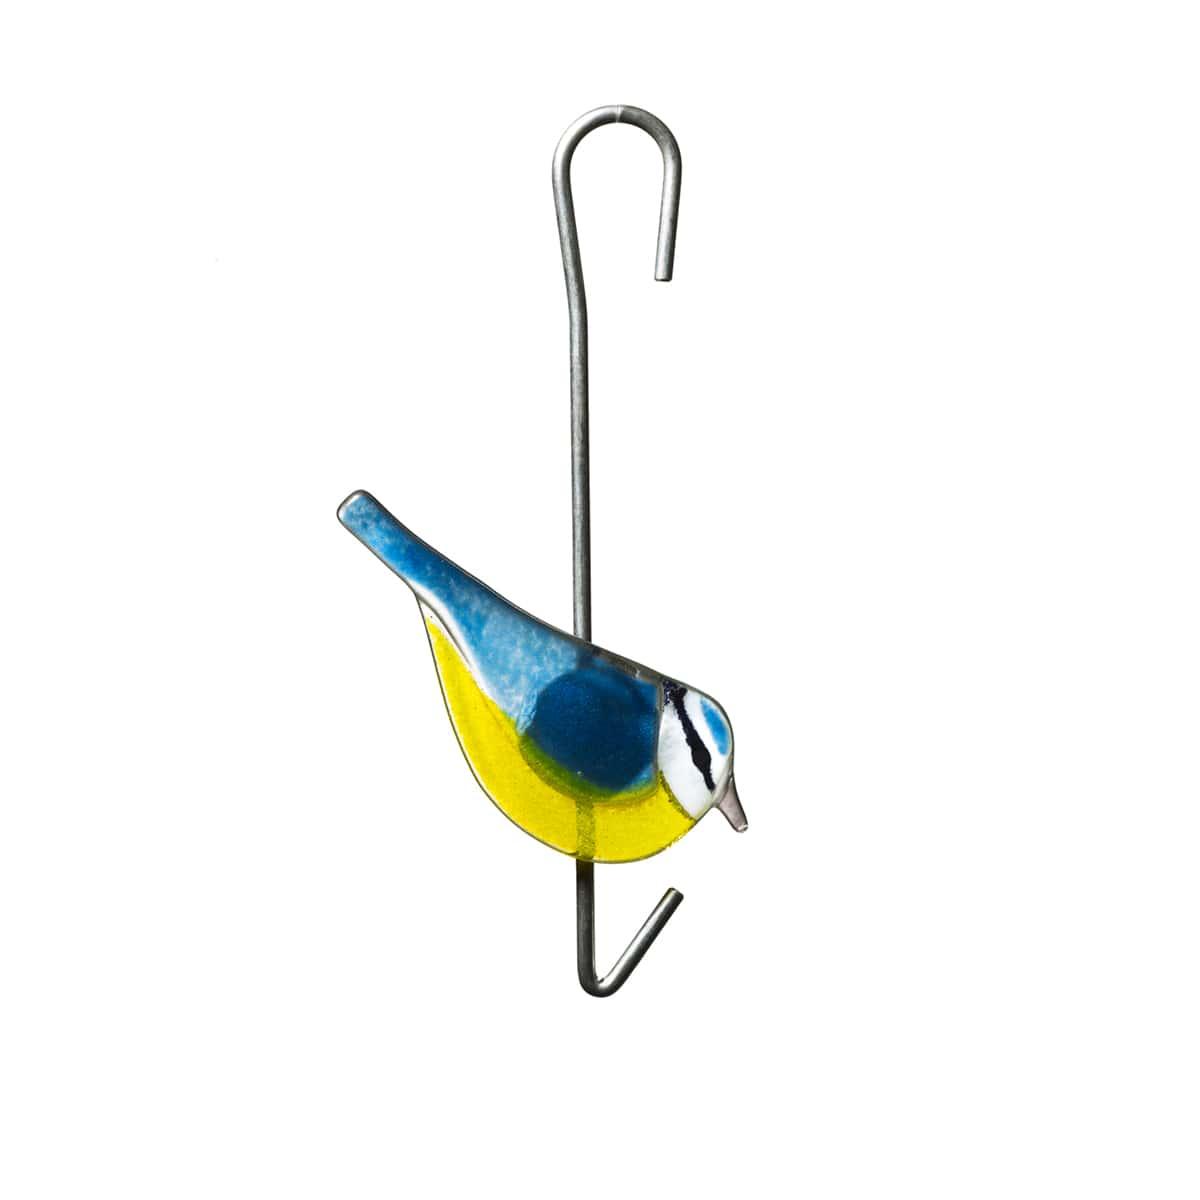 Fuglefryd, Blåmejse